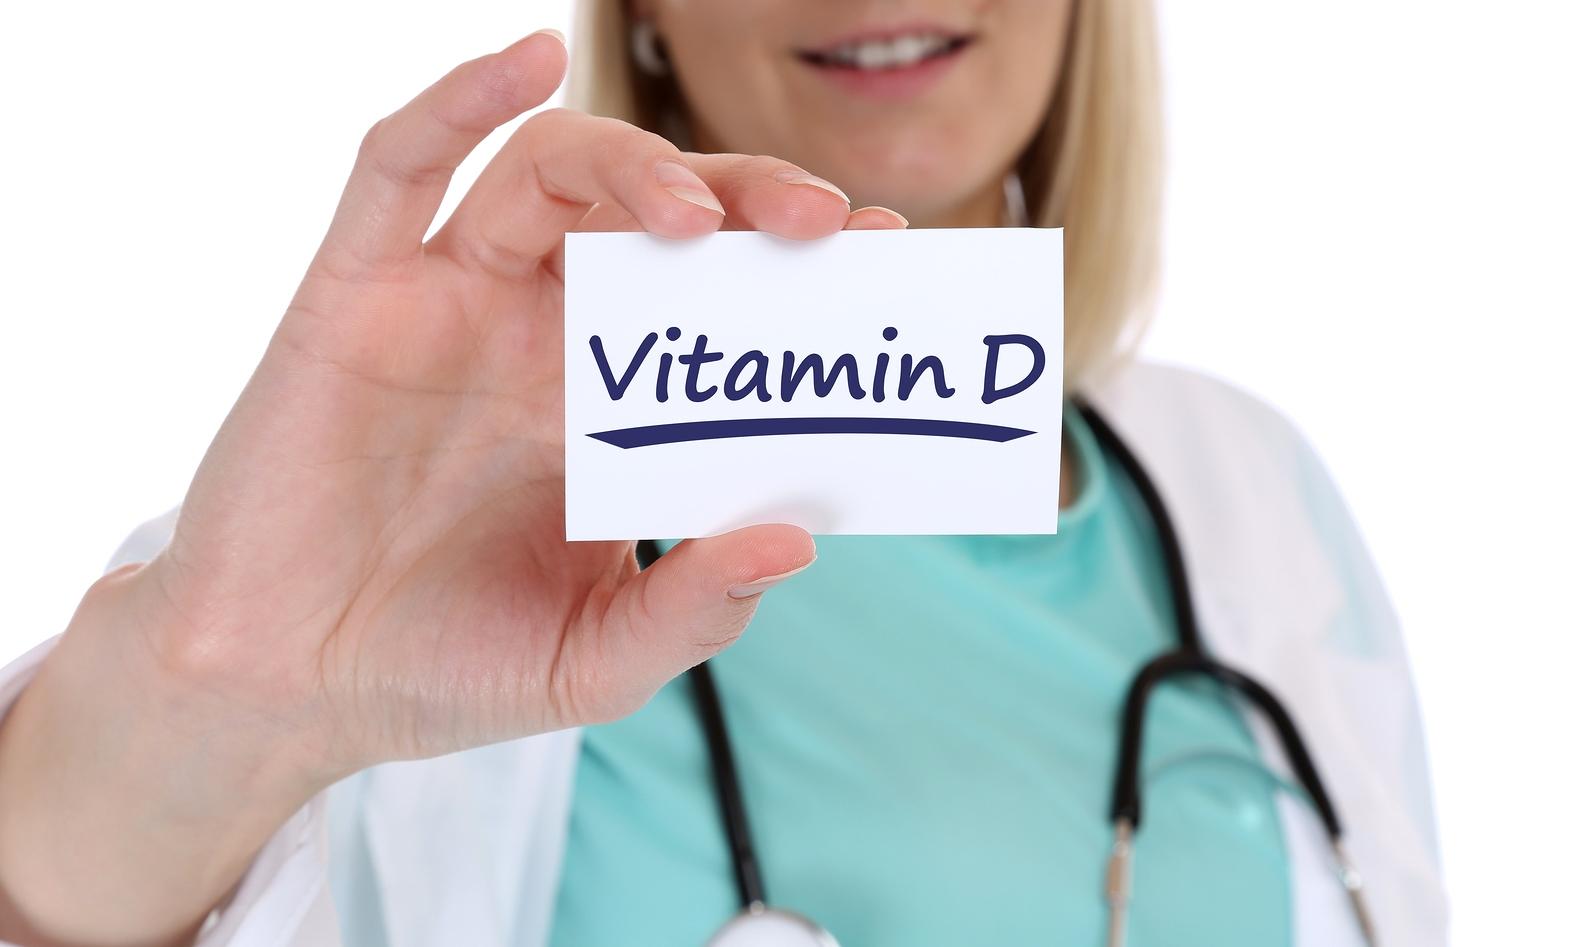 لا تهملي تناول الفيتامين دي